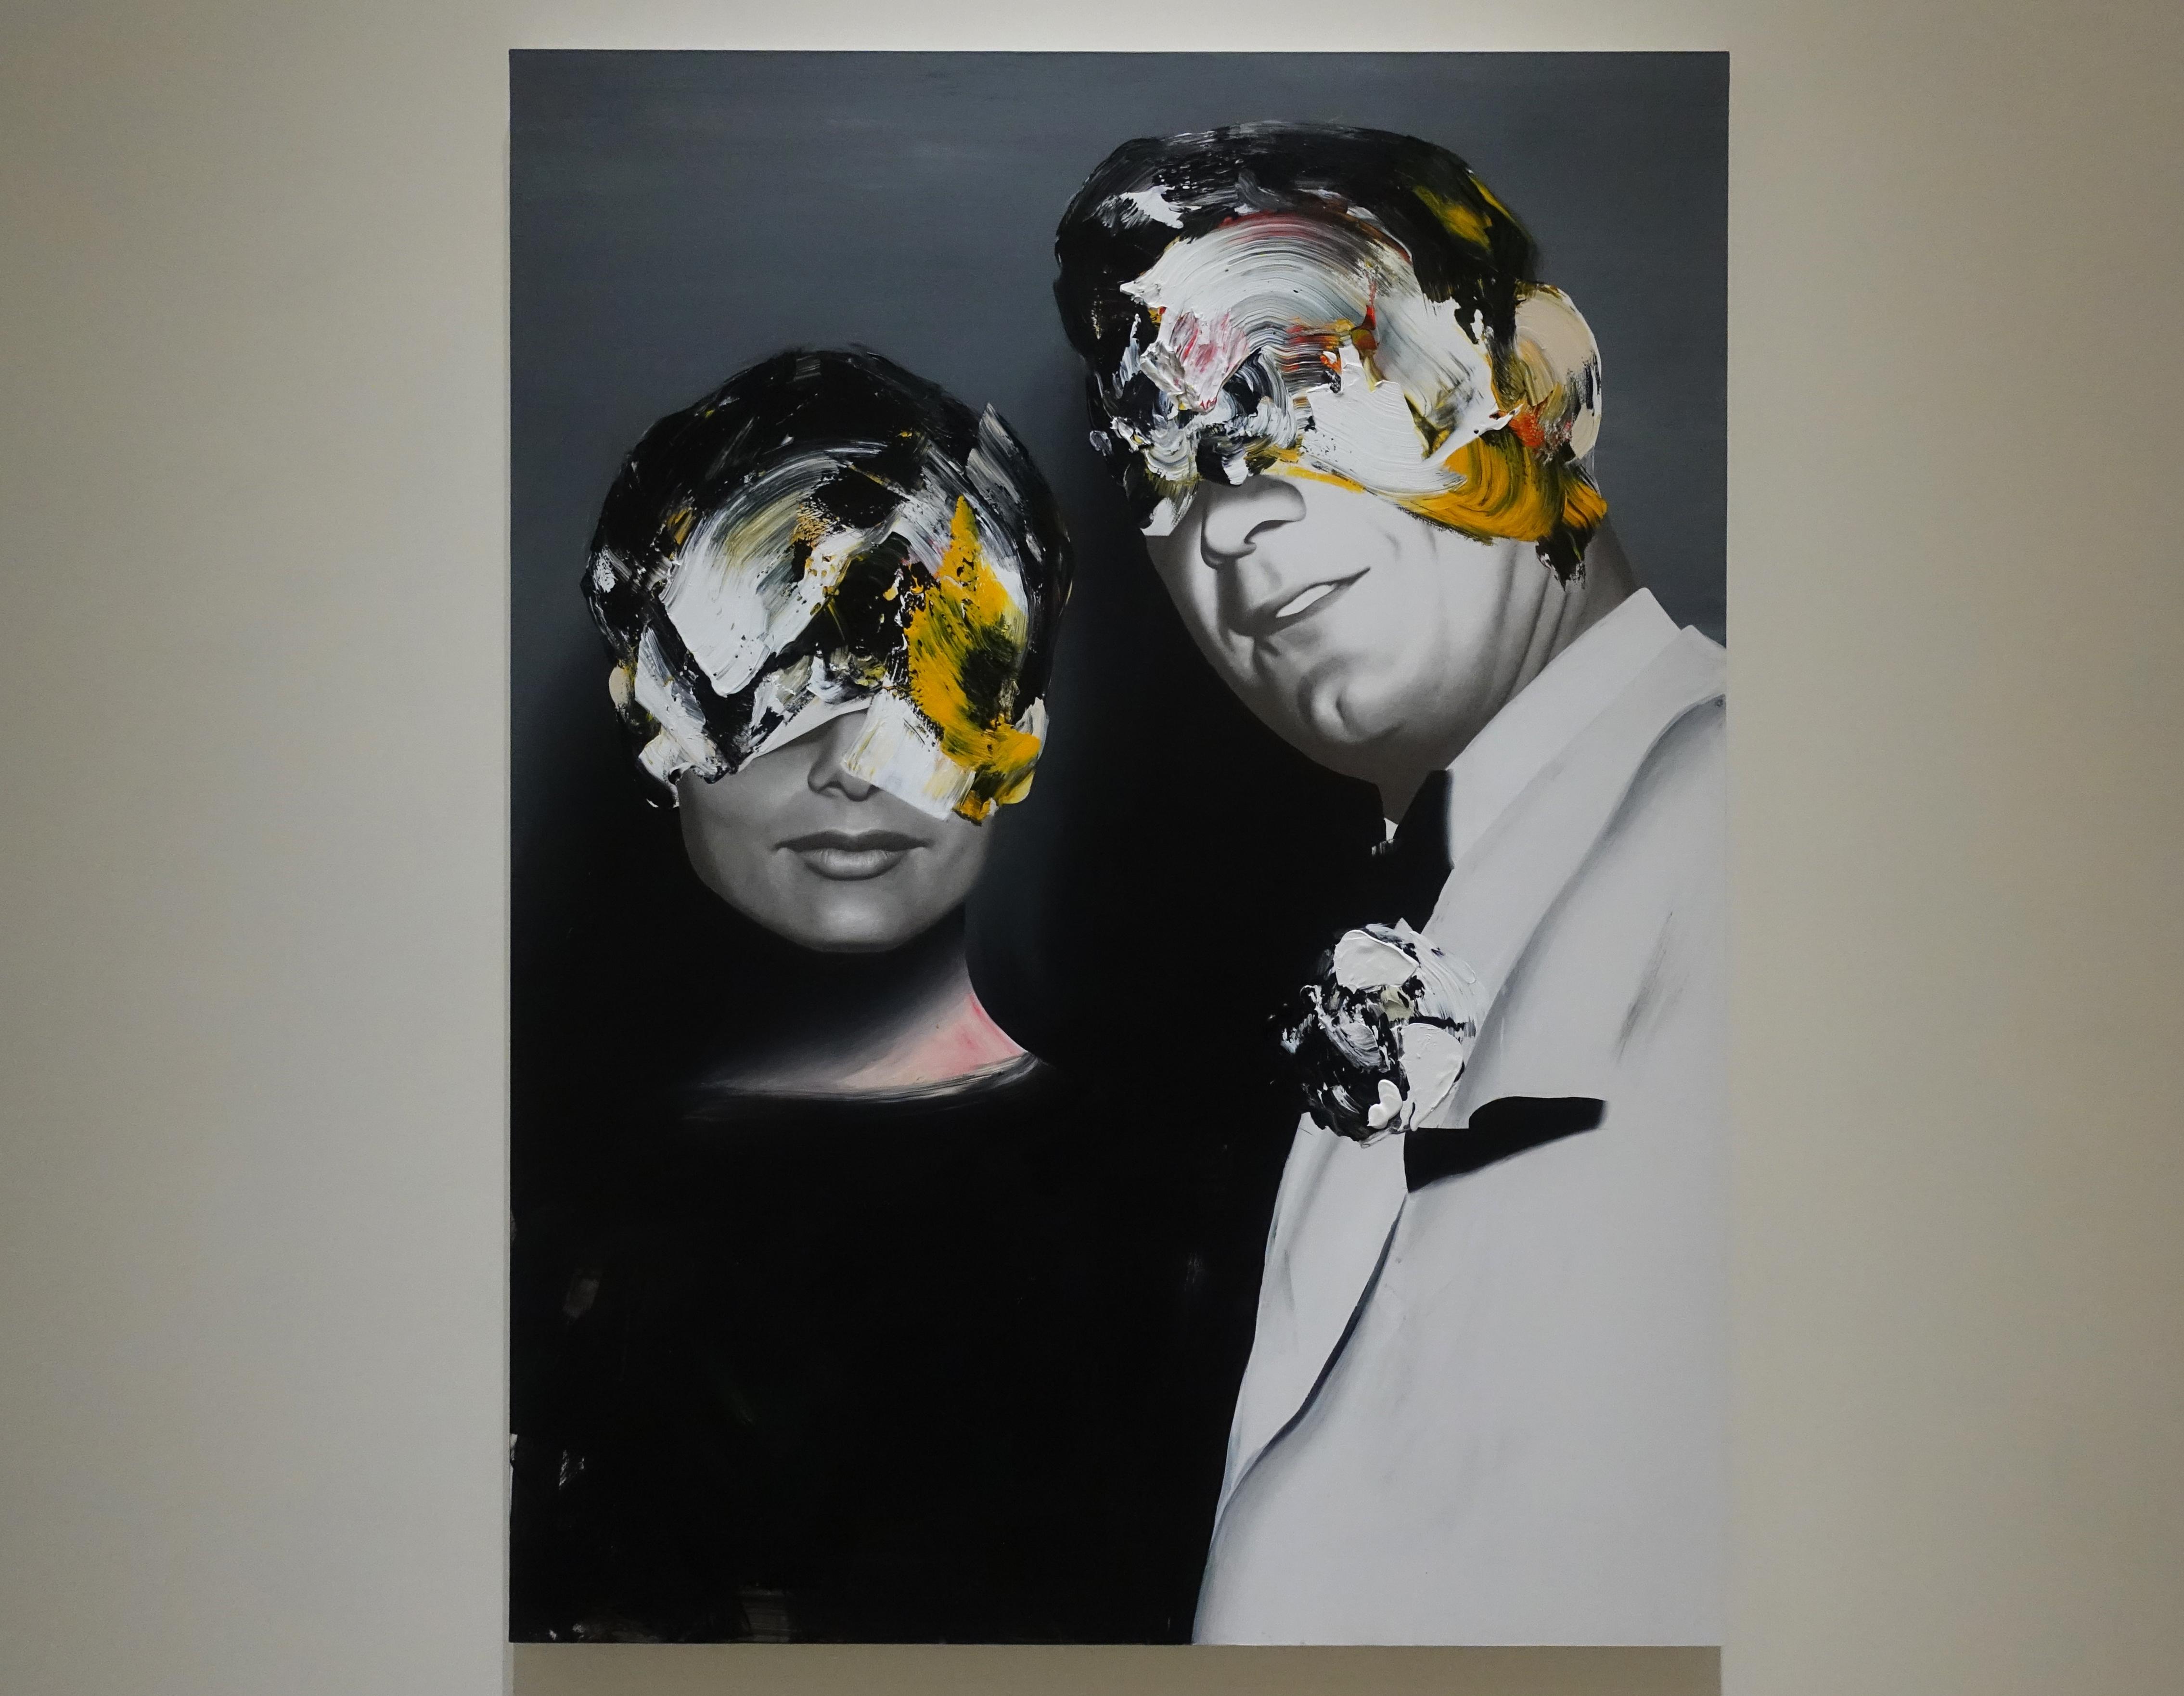 佐藤誠高,《Lover》,140 x 107 cm,鉛筆、壓克力、紙、木板,2019。